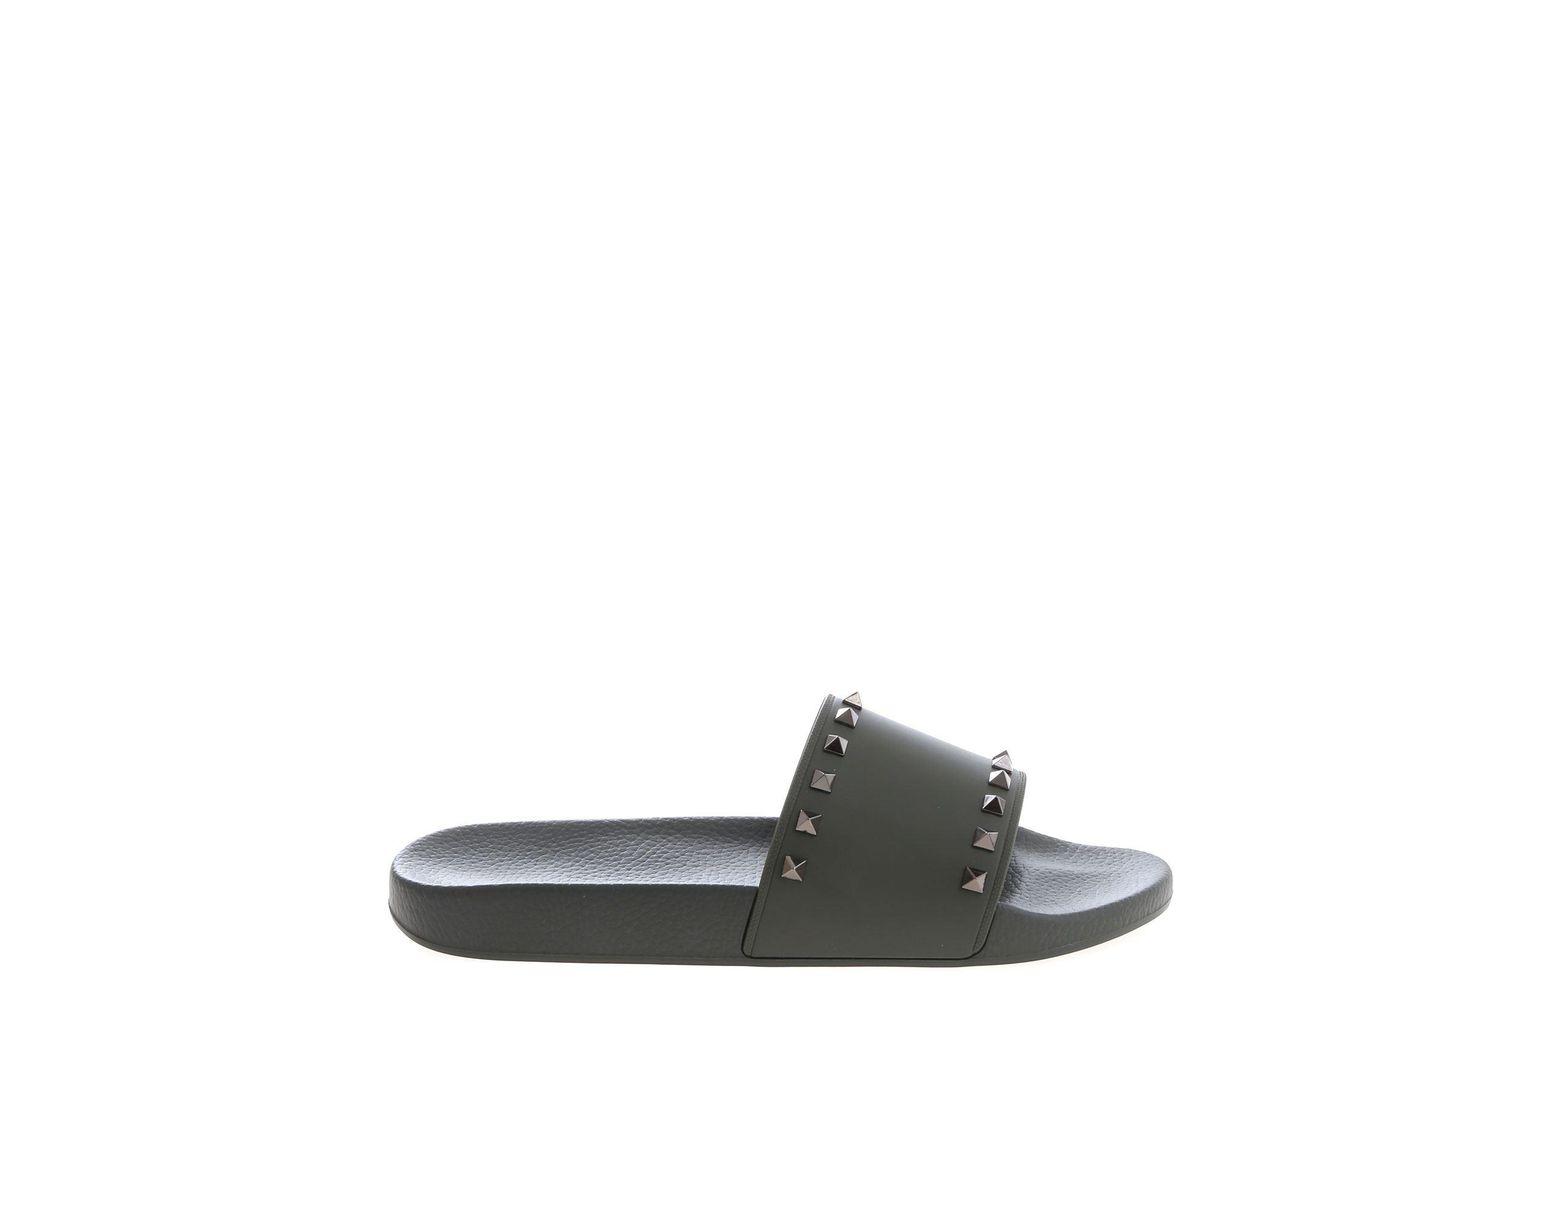 33a69561 Men's Rockstud Rubber Slides In Olive Green